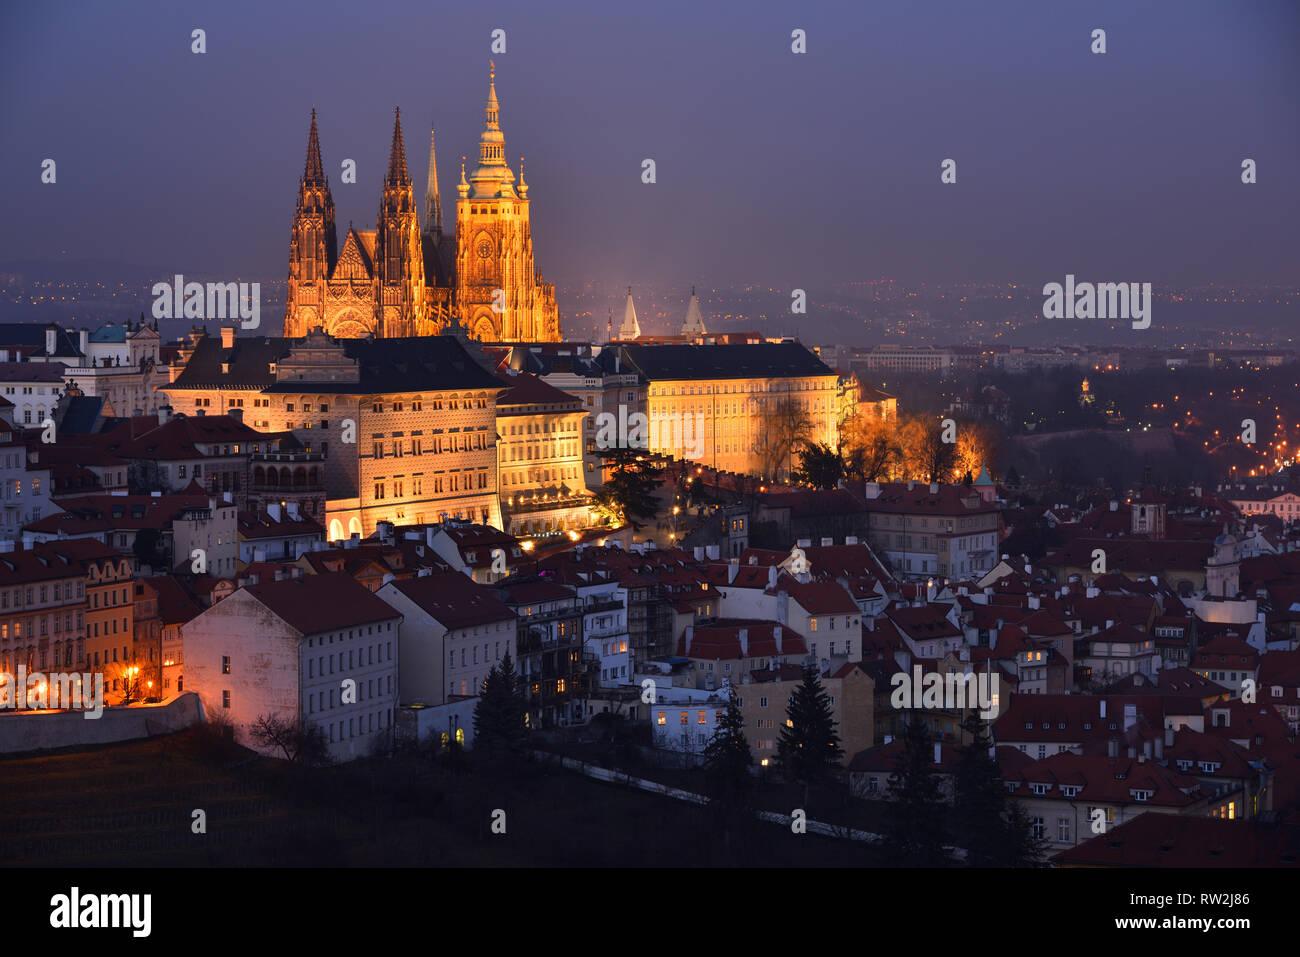 Que el Castillo de Praga y la Catedral de San Vito con iluminación nocturna. Fragmento de Lesser Town district (checo: Malá Strana). Tarde en la noche. El invierno. Foto de stock